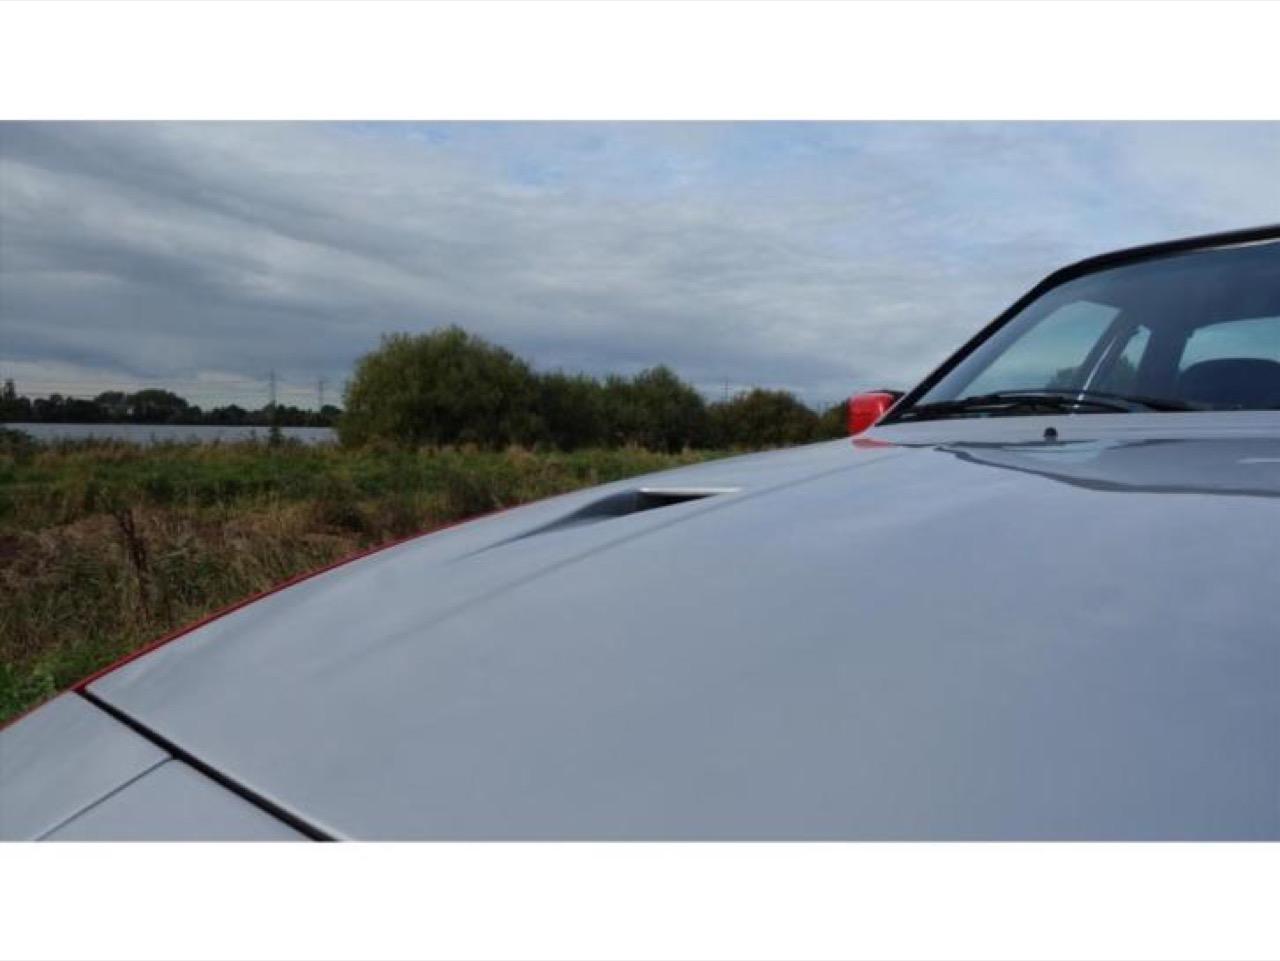 Porsche-924-turbo-marktplaats-01.jpg